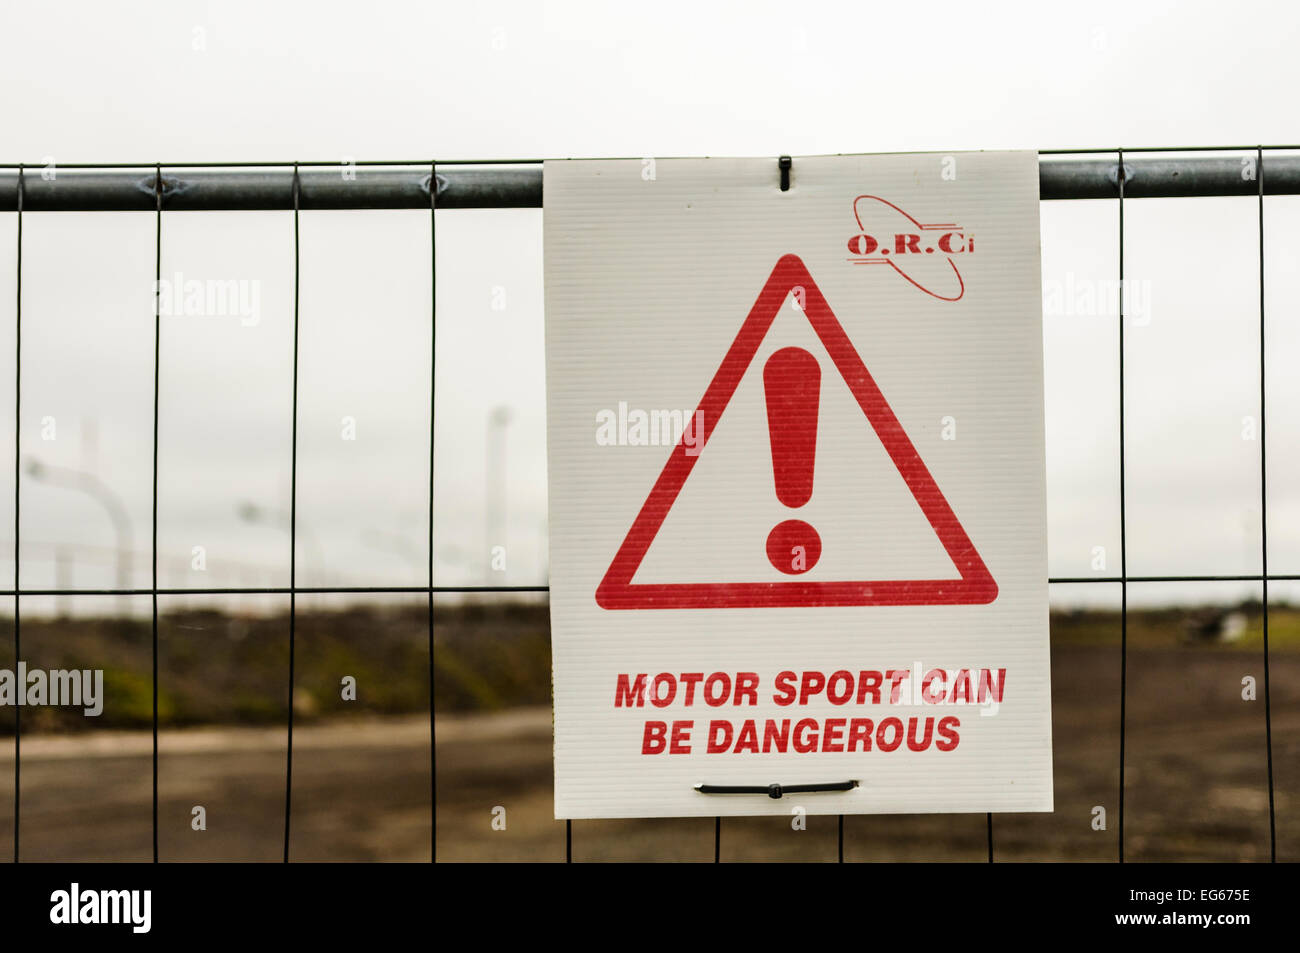 Firmar en una pista de carreras asesorar al público que el deporte de motor puede ser peligrosa Imagen De Stock